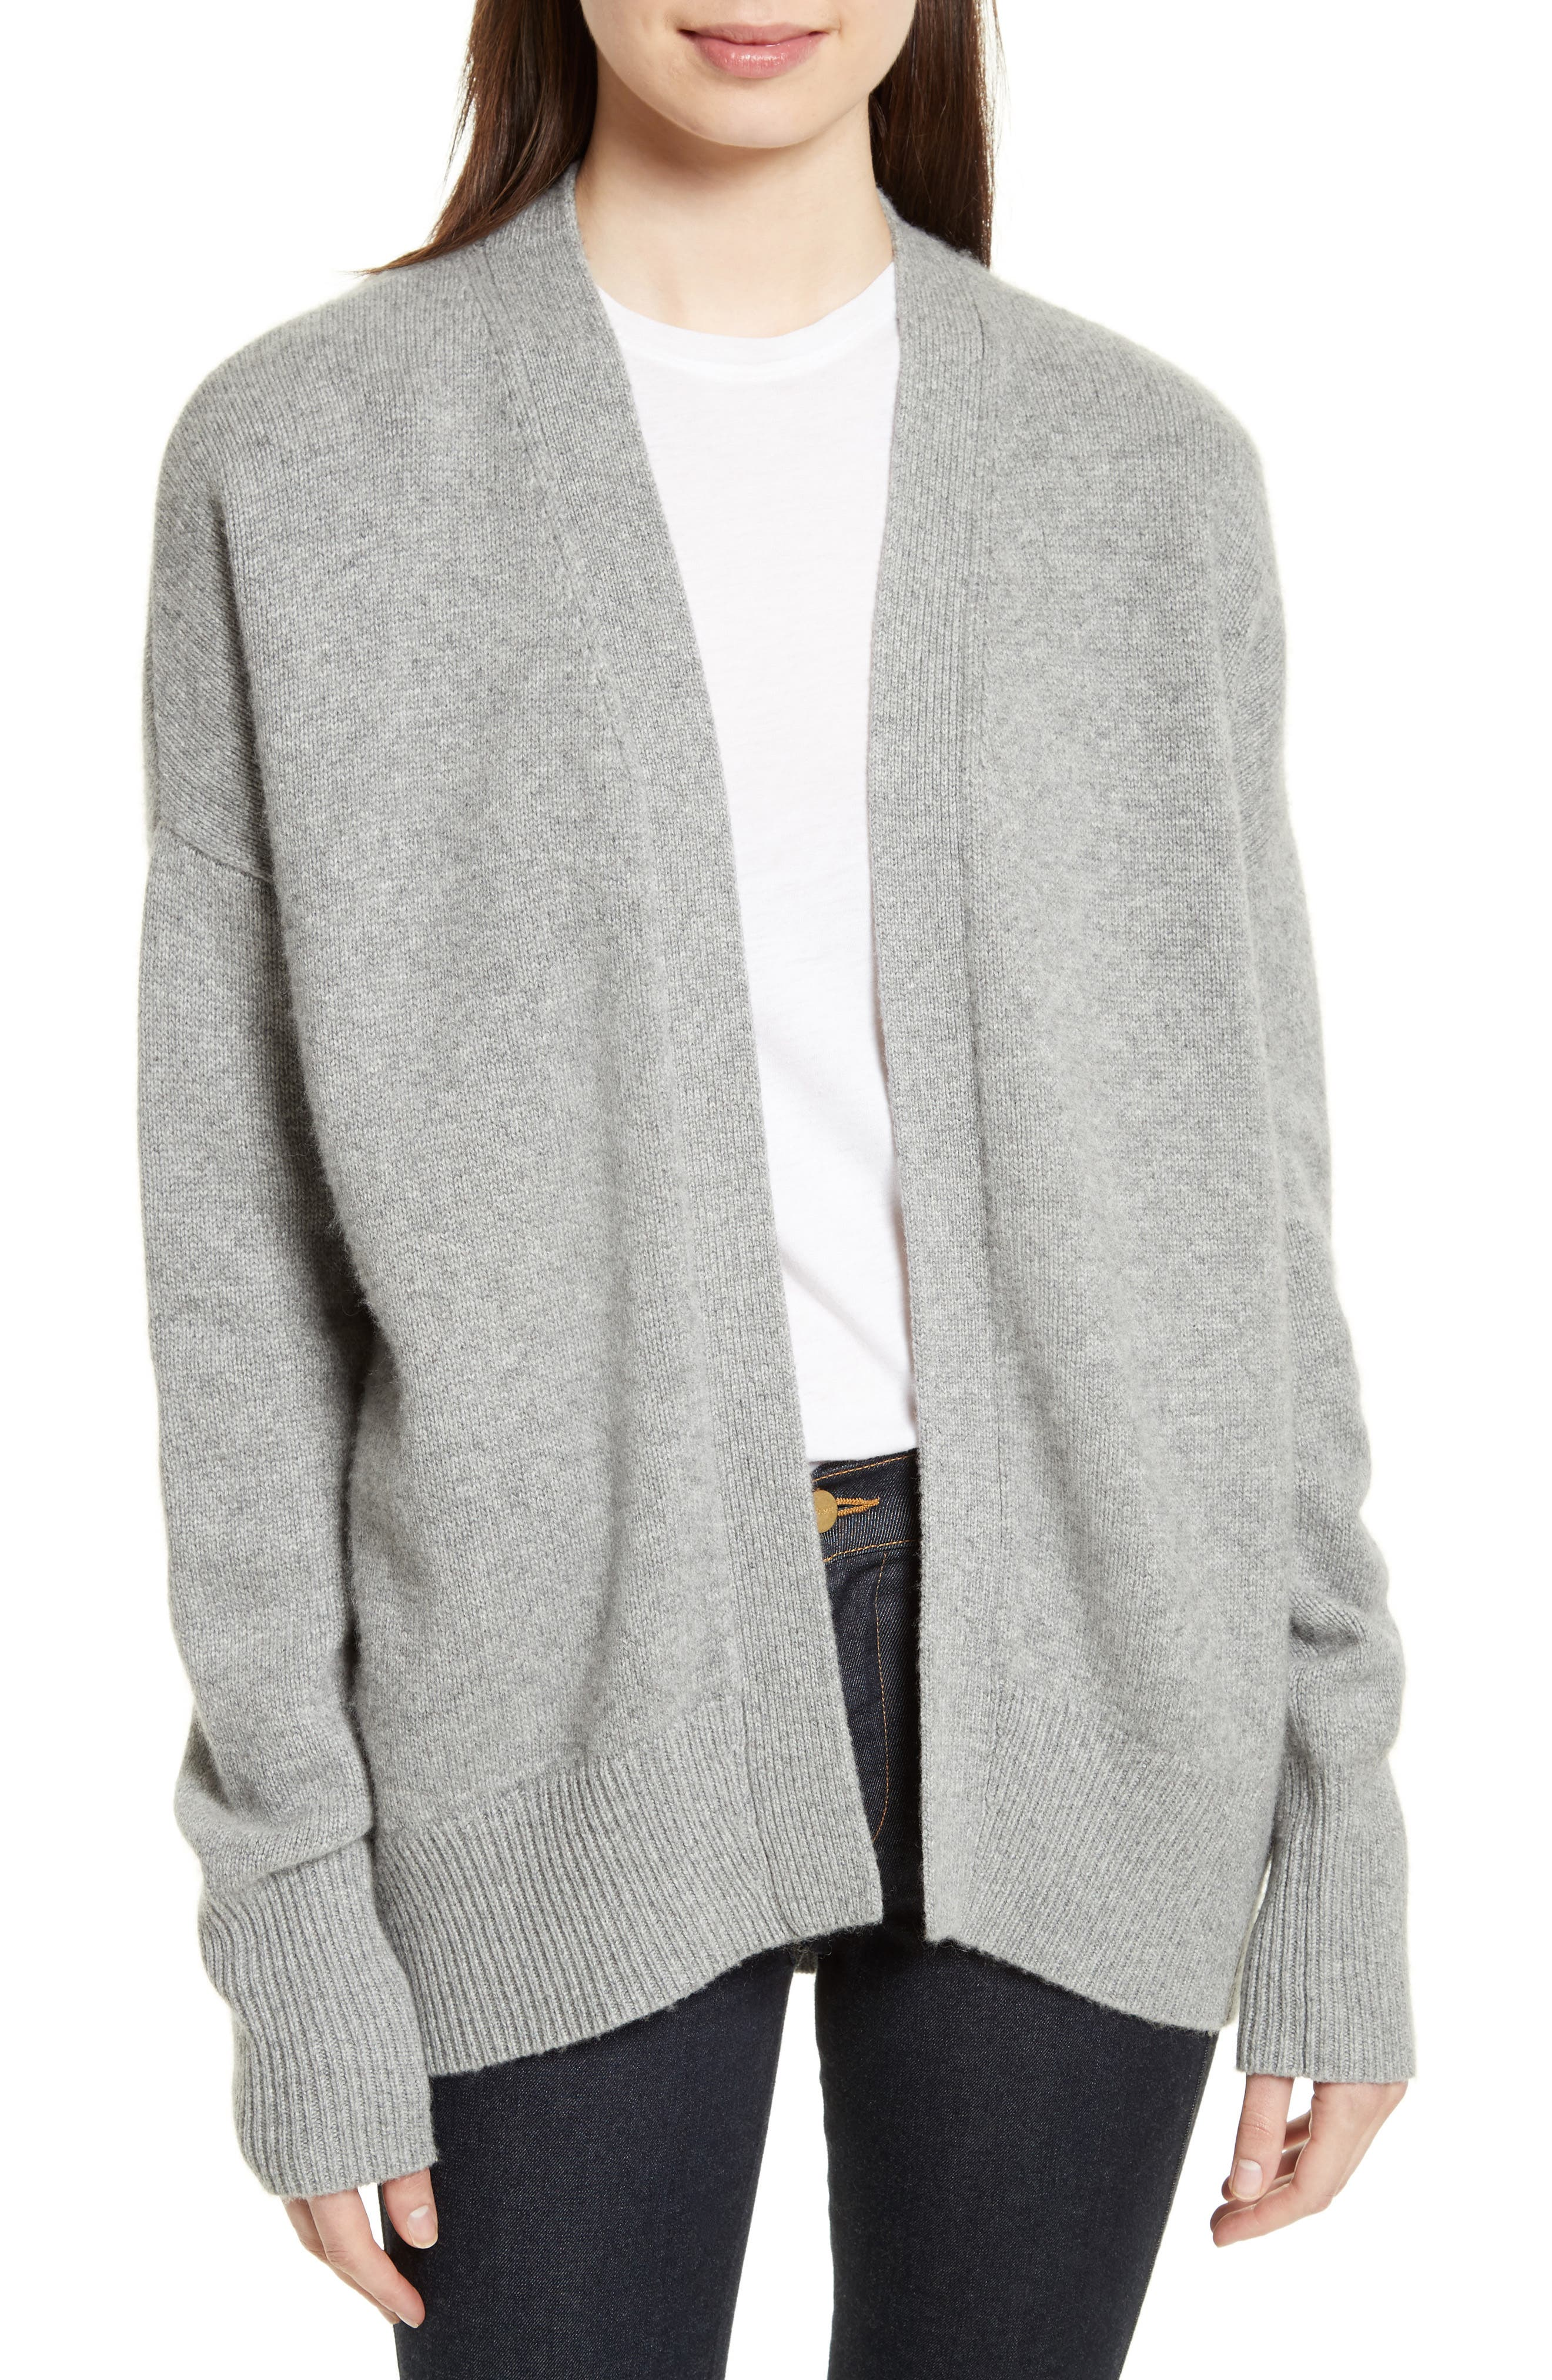 THEORY Oversize Cashmere Cardigan